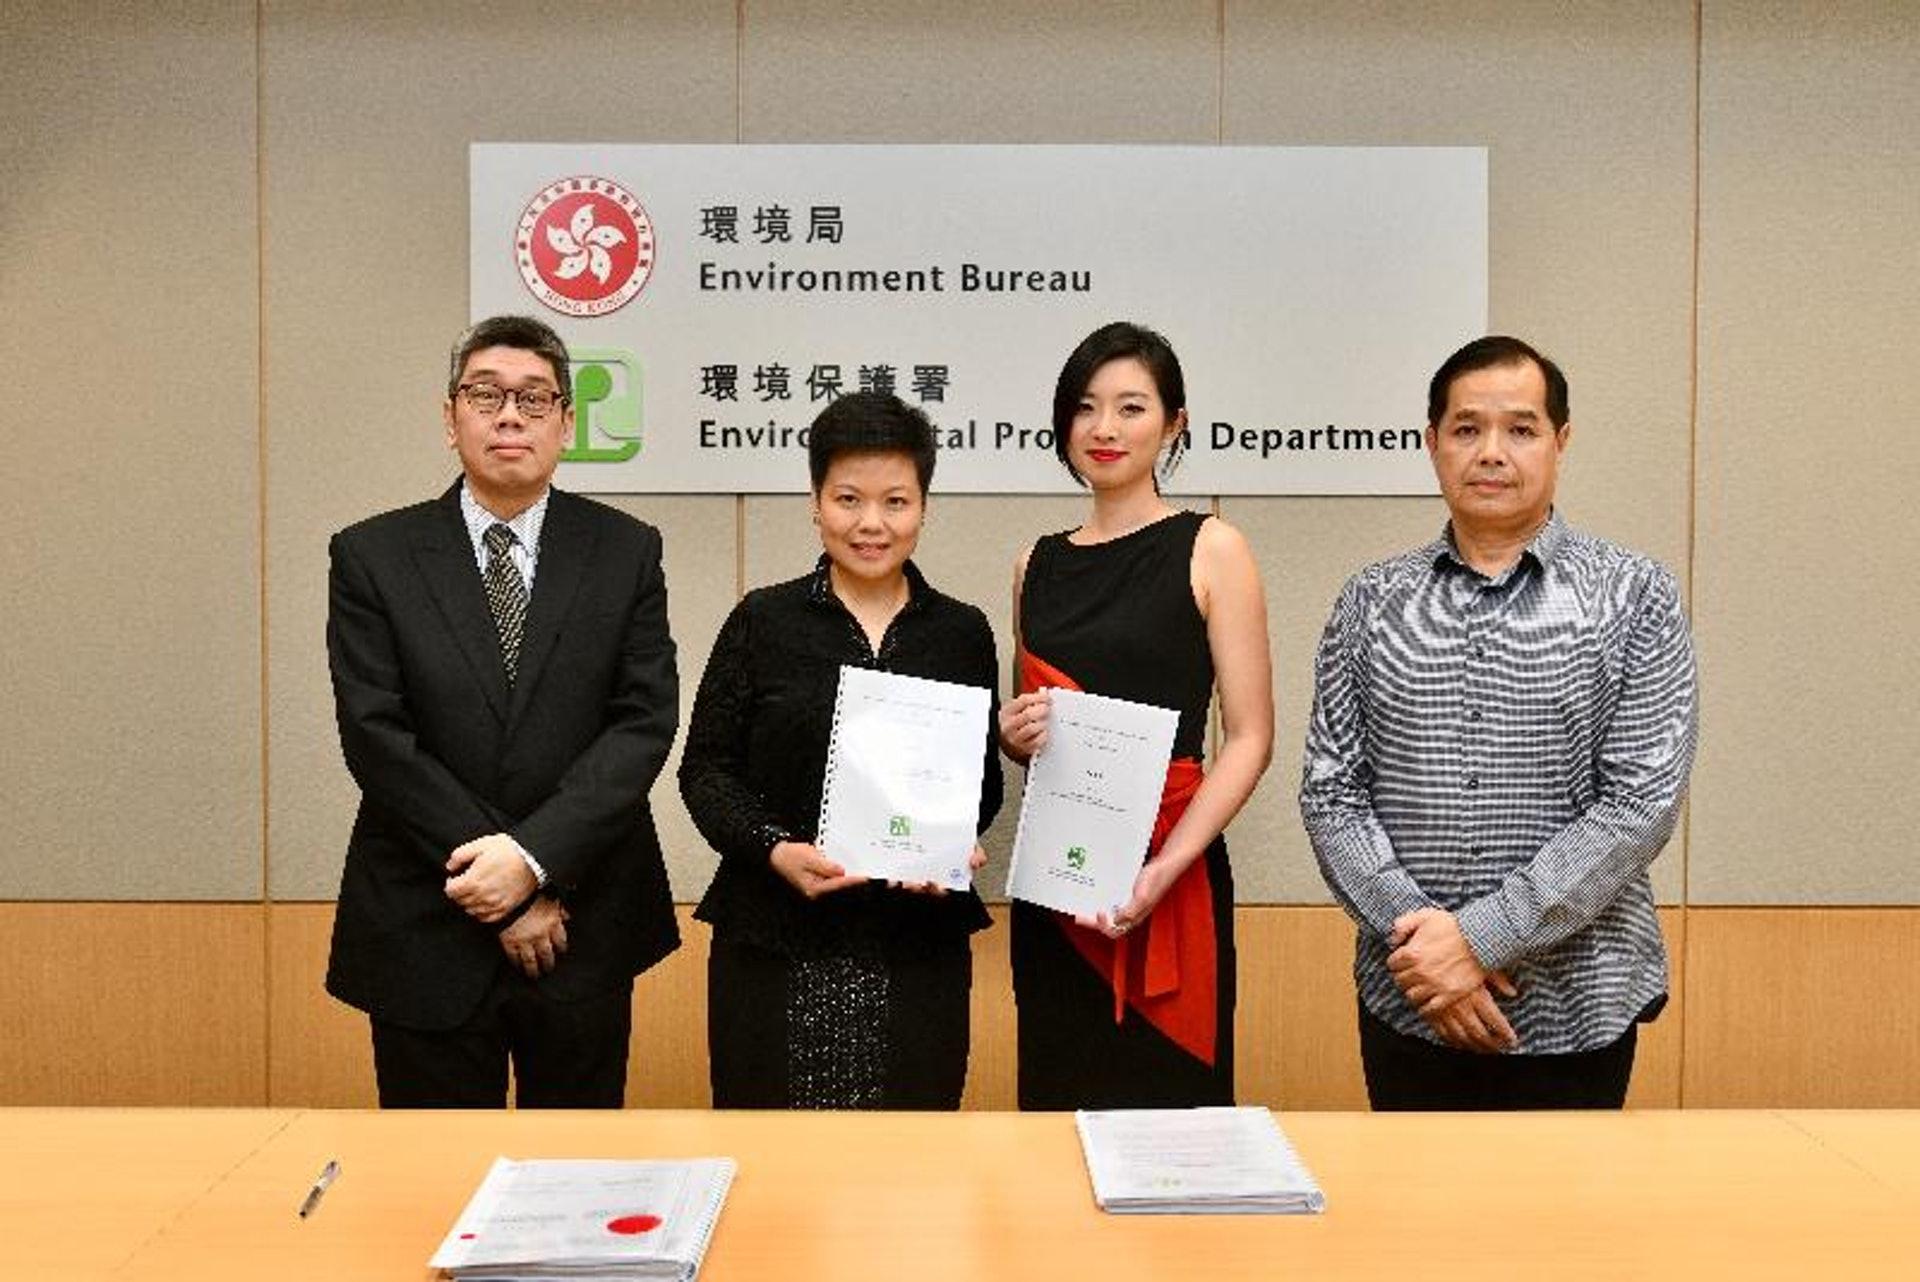 環保署及Rocsky International Limited雙方代表於簽署儀式合照。(環保署圖片)